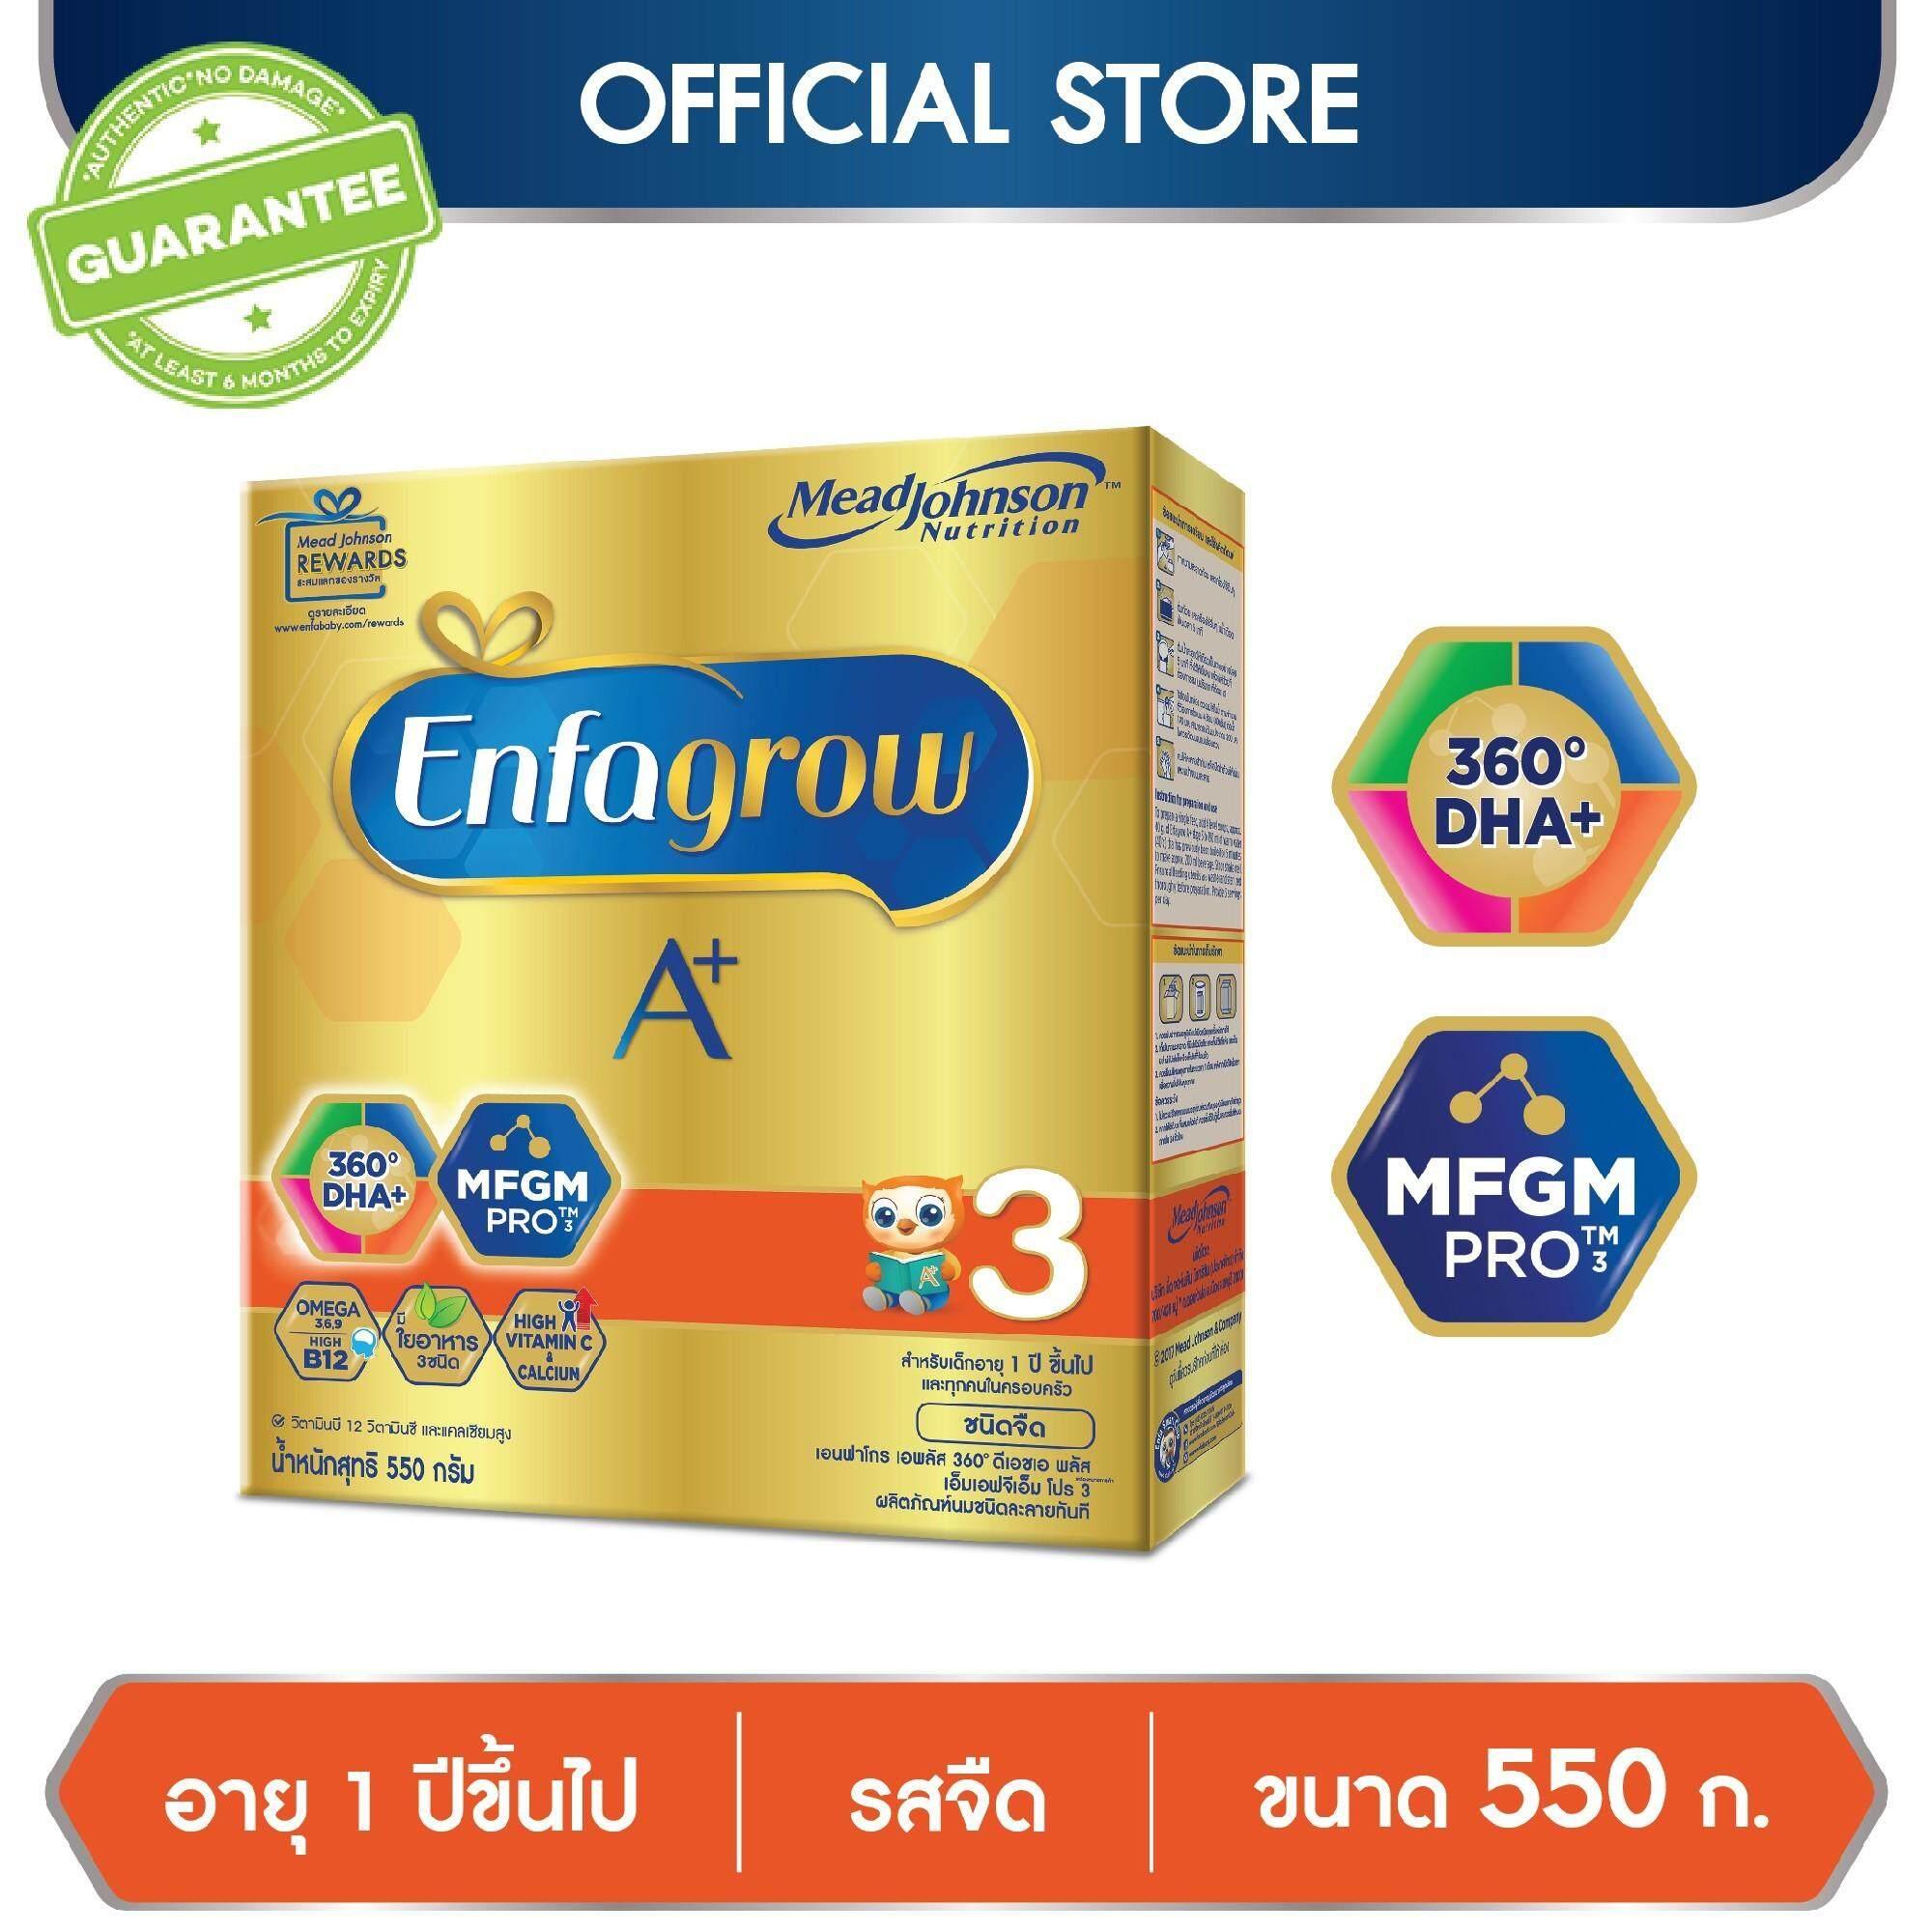 เอนฟาโกร เอพลัส สูตร 3 รสจืด นมผง สำหรับ เด็ก 550 กรัม By Lazada Retail Enfagrow.